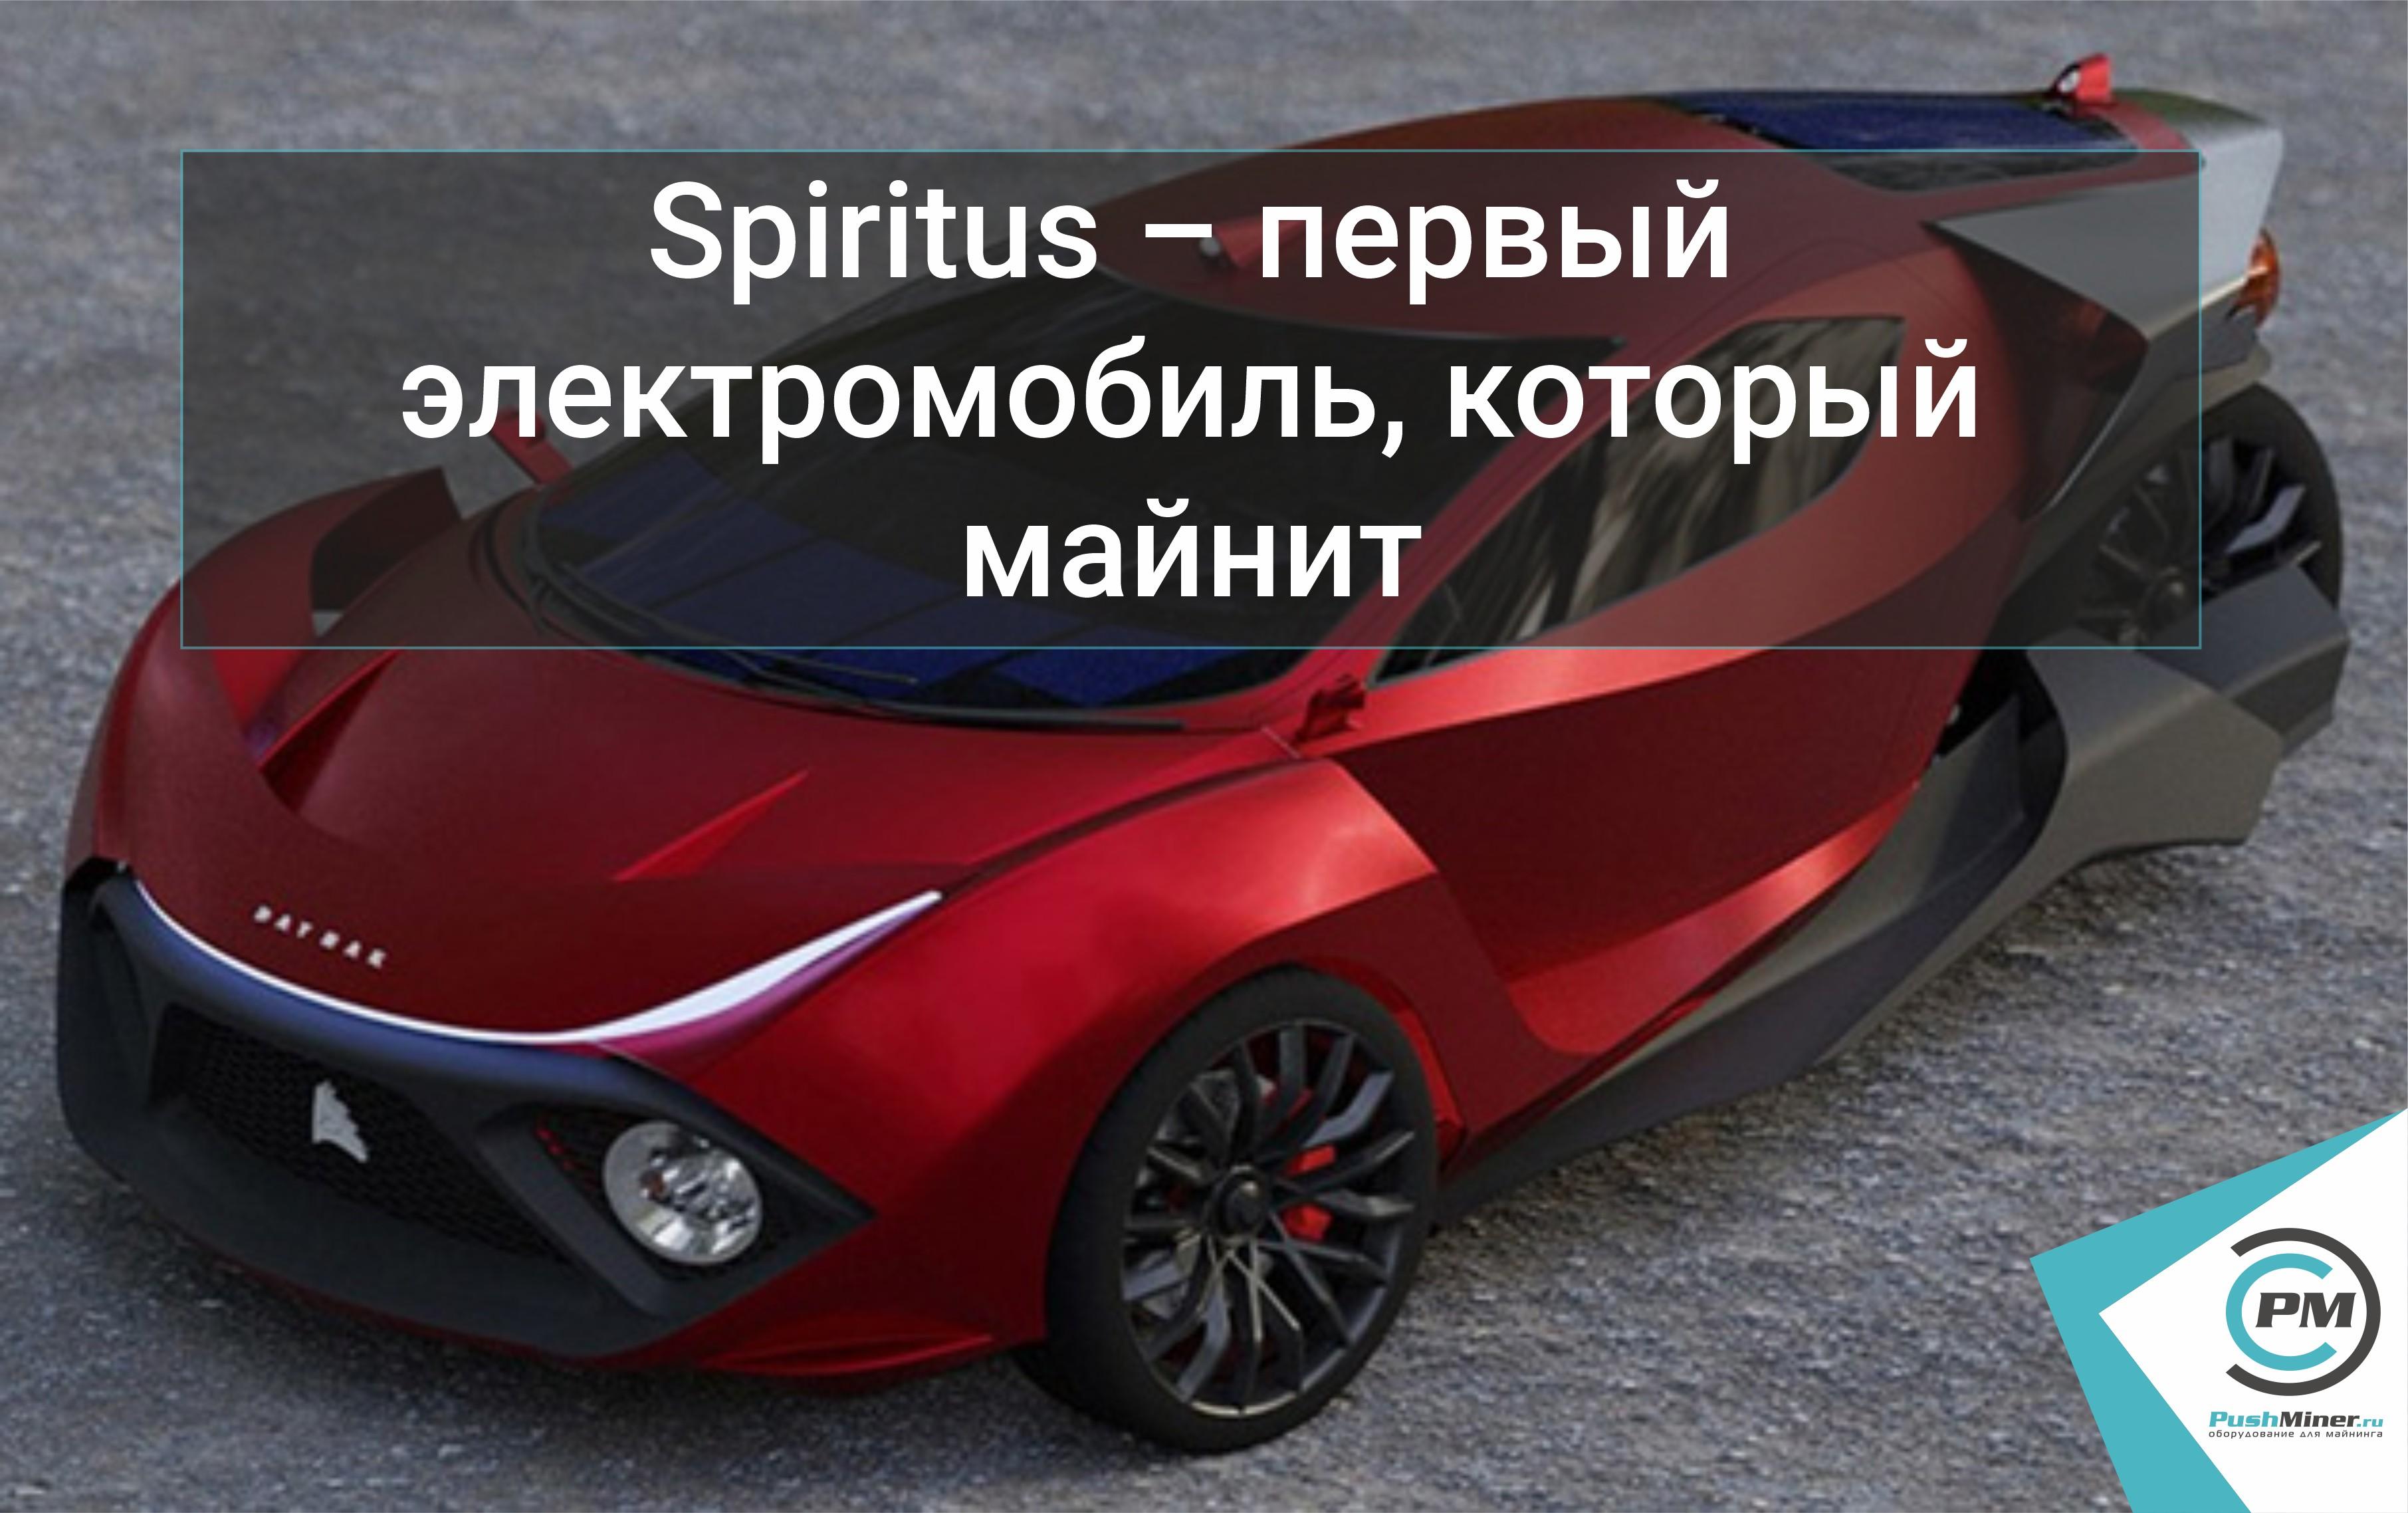 Spiritus – первый электромобиль, который майнит